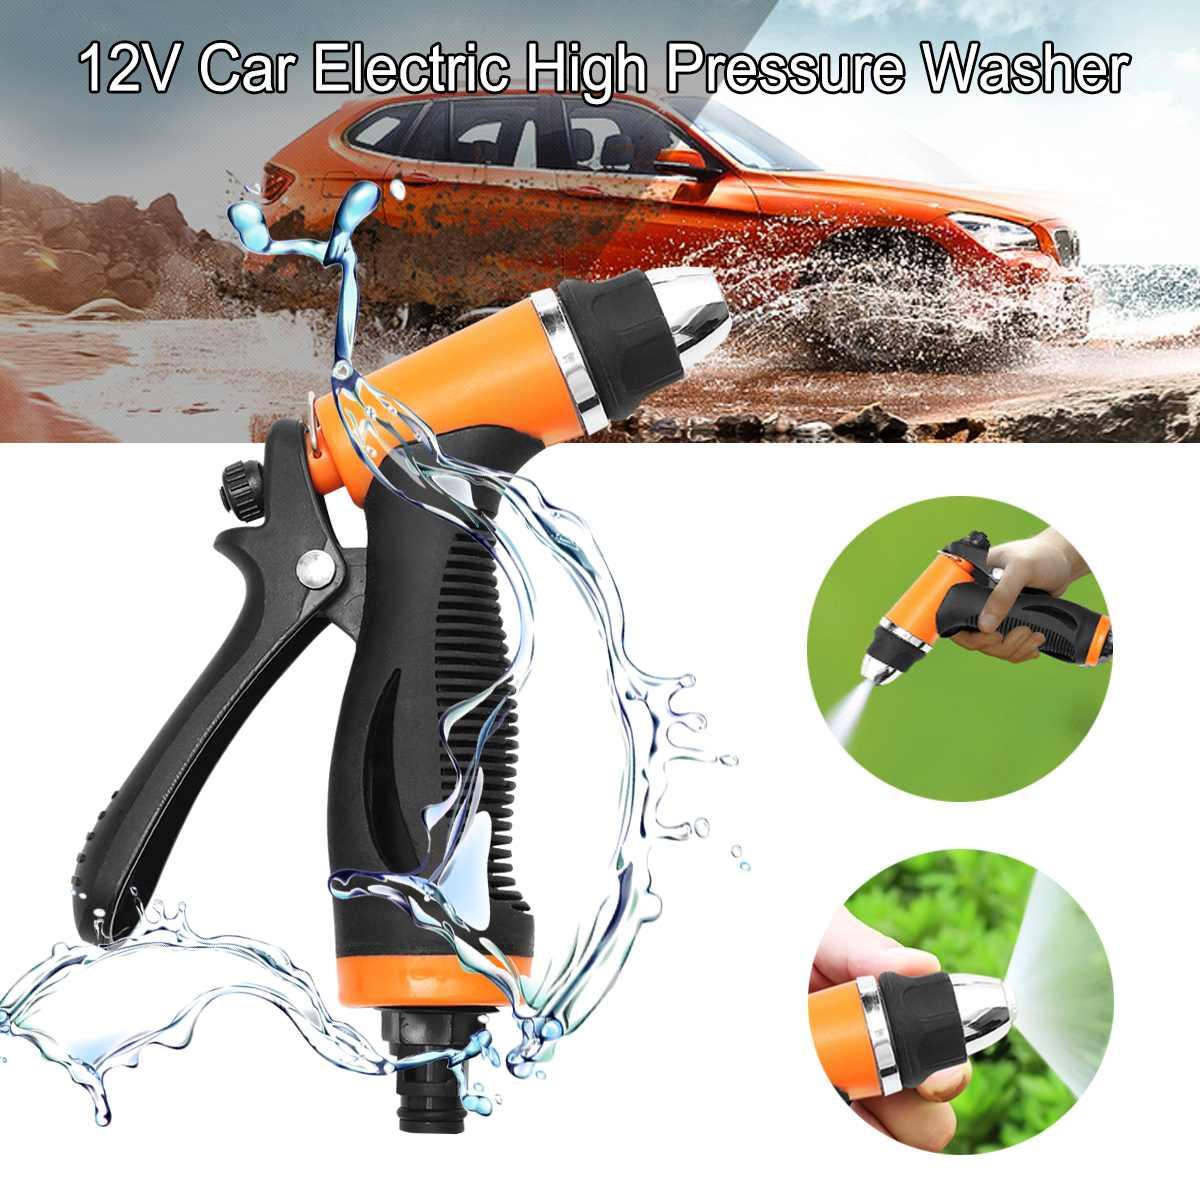 Universal portátil 12V 100W 160PSI coche lavadora eléctrica de alta presión autocebante coche lavadora encendedor Kit de bomba de agua